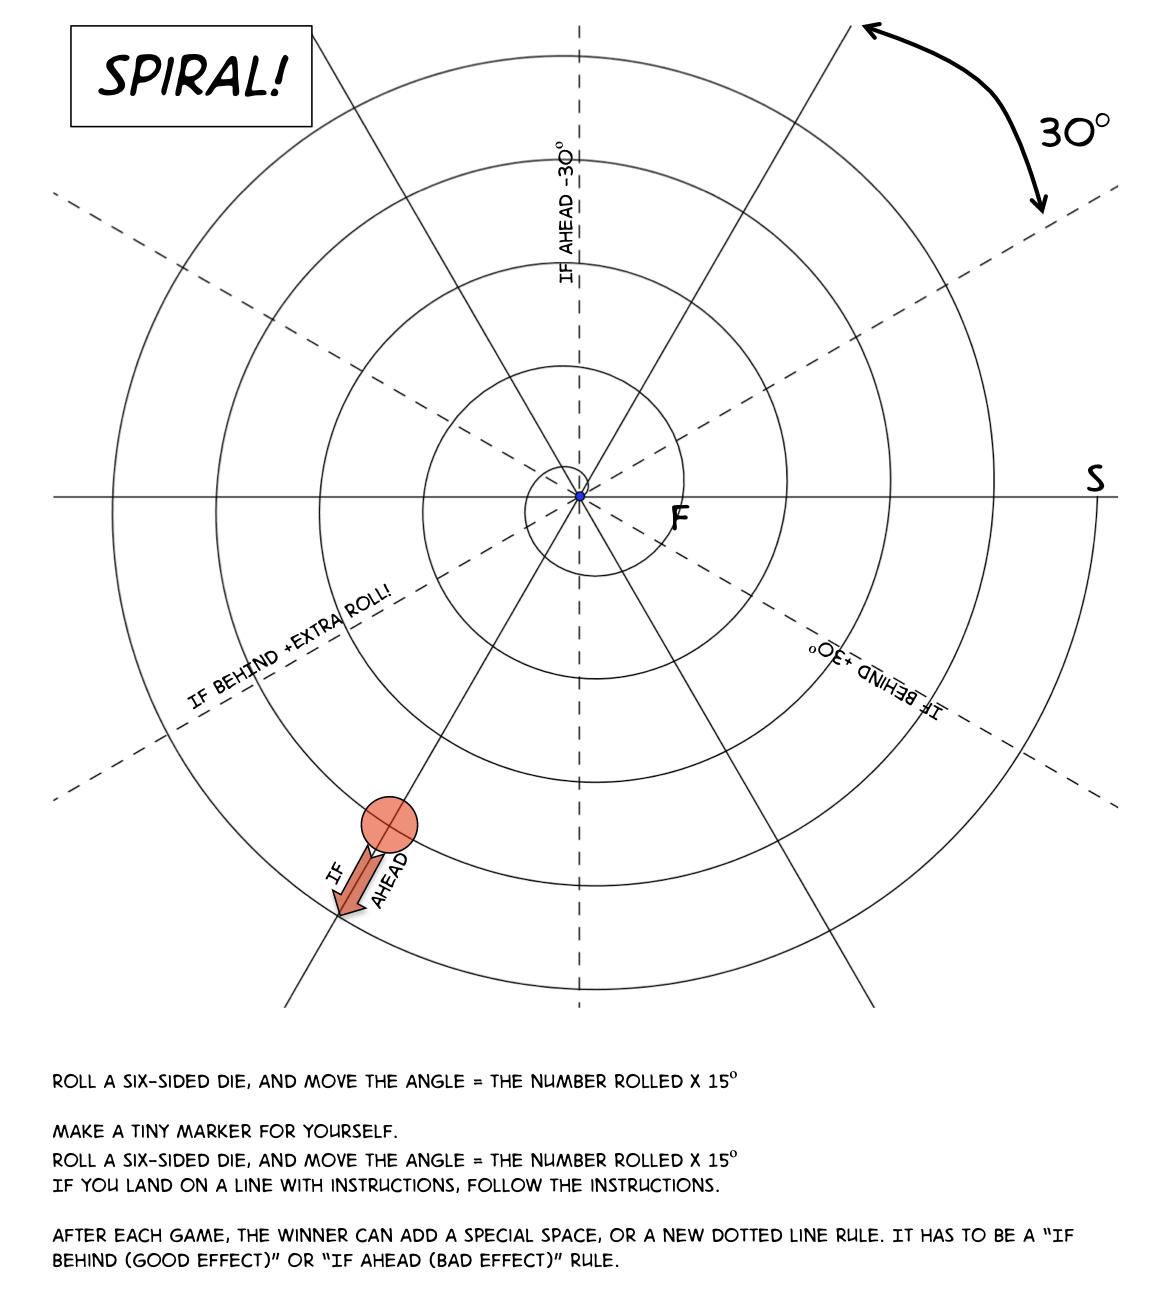 Math Hombre: Spiral - So-So